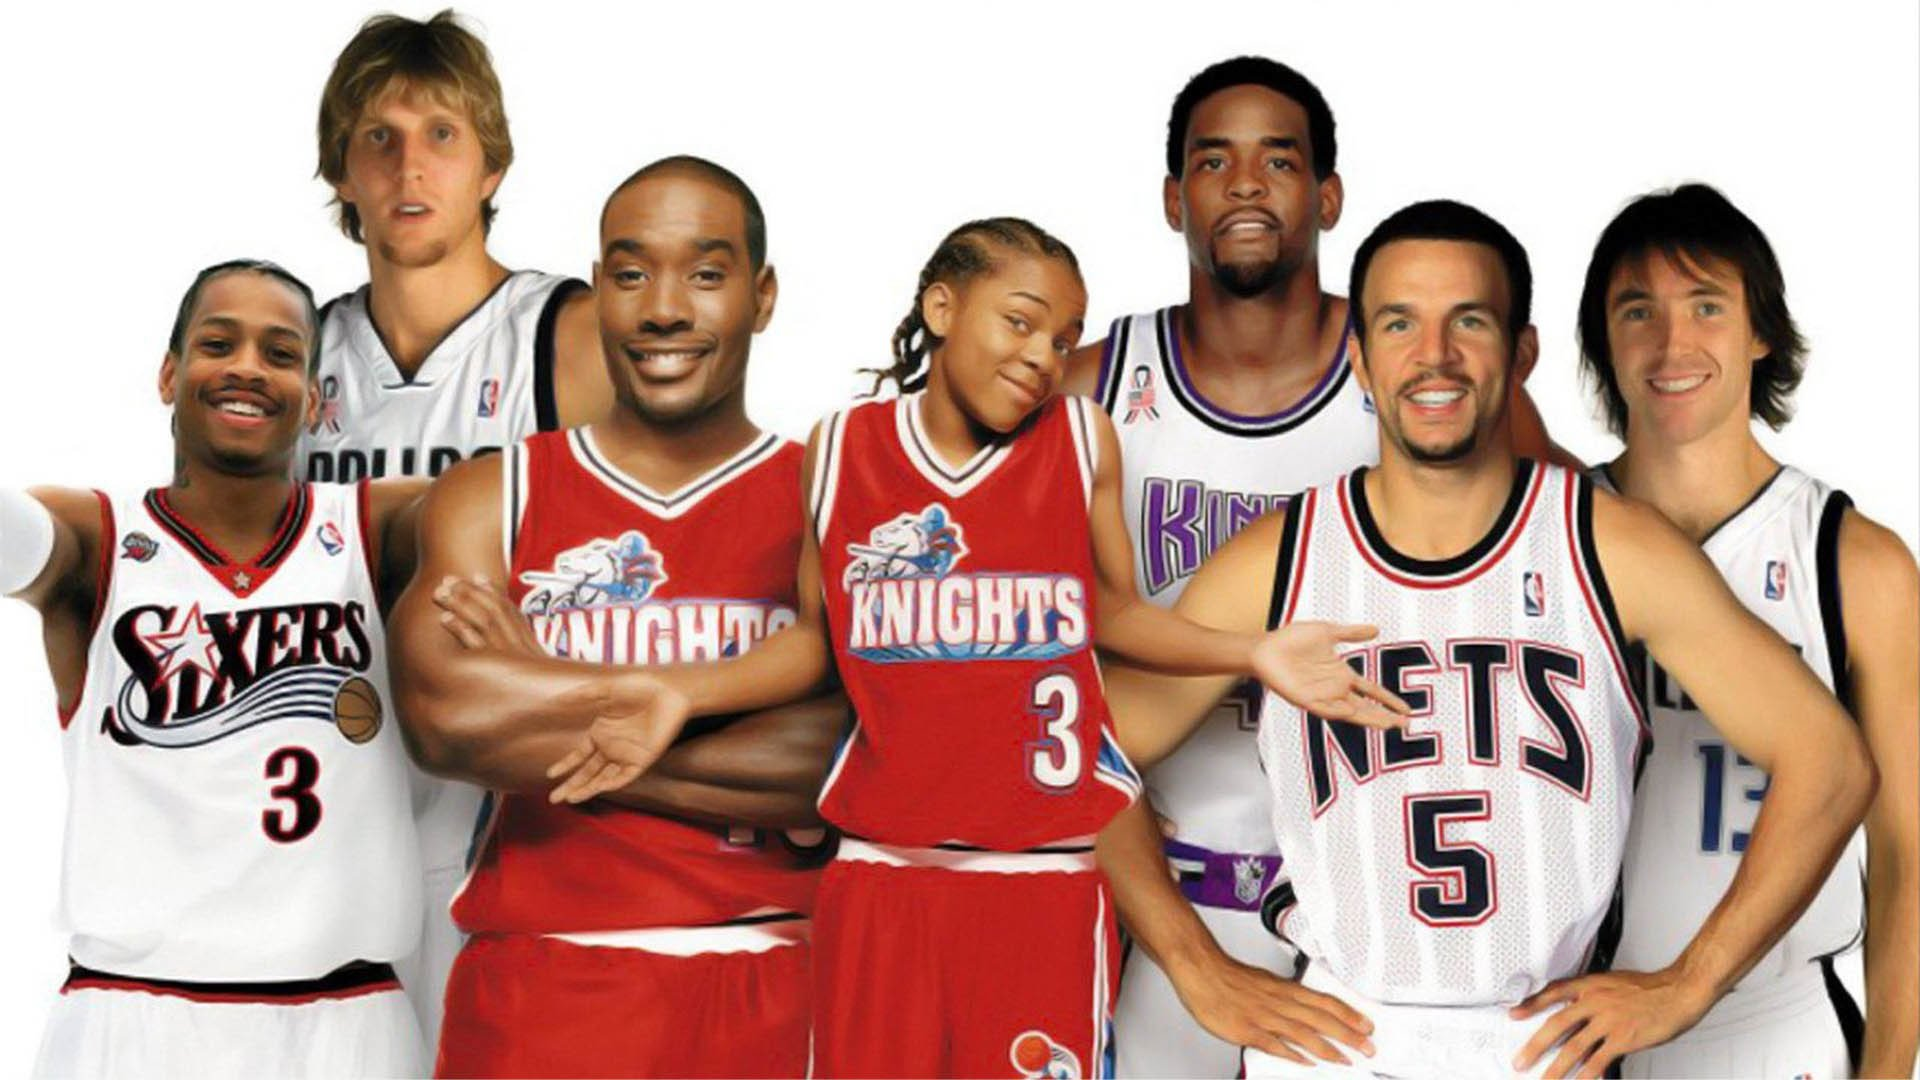 Как Майк: Уличный баскетбол смотреть фото